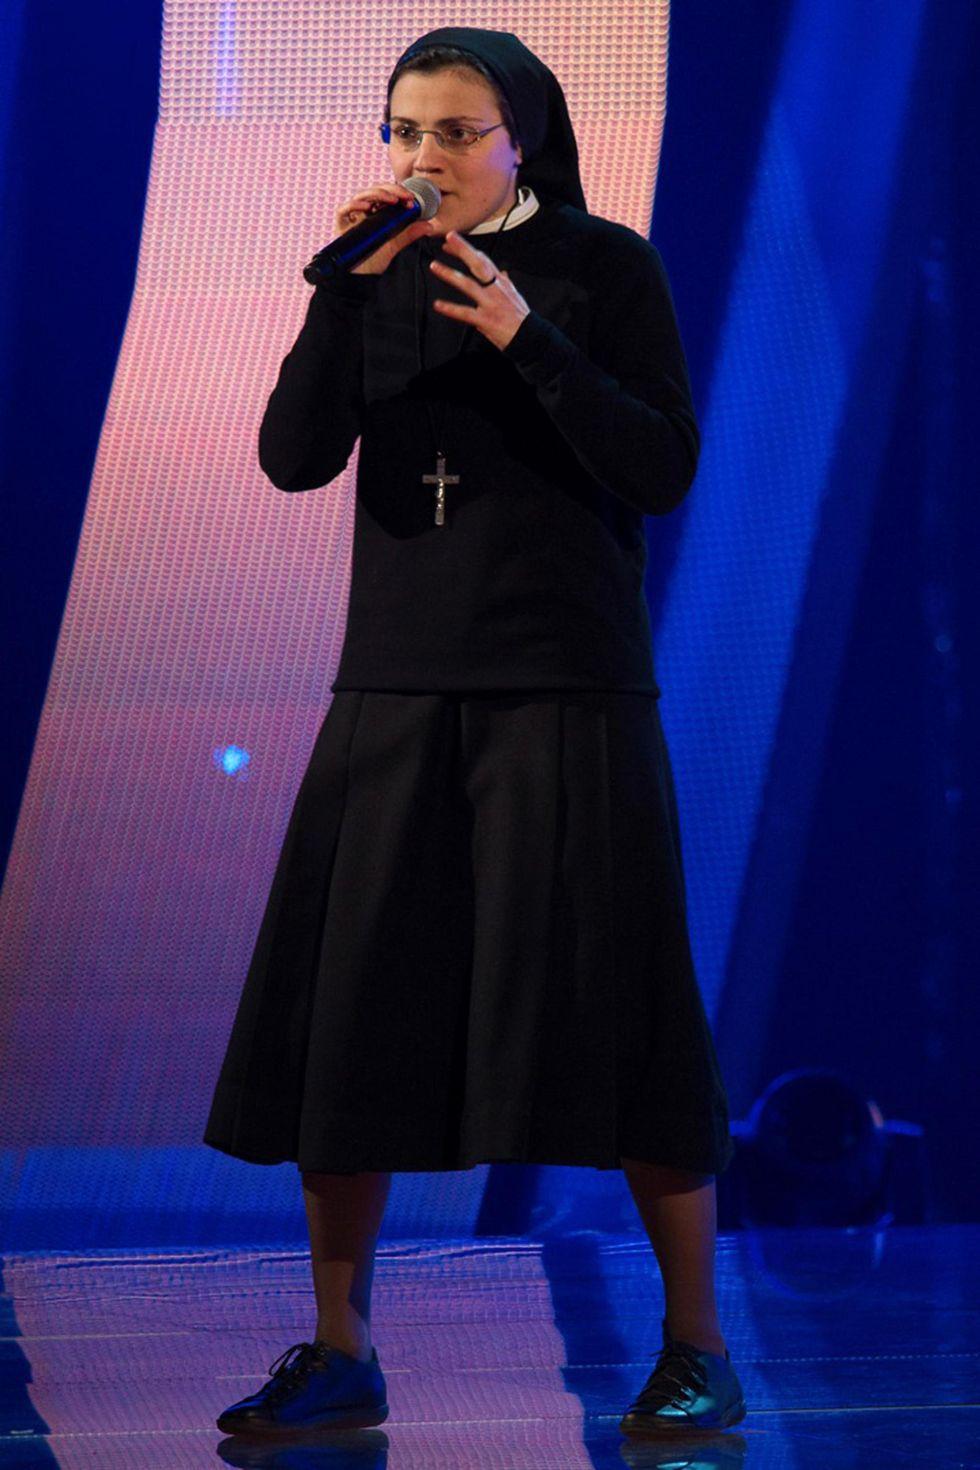 Suor Cristina, l'icona pop della Chiesa che cambia